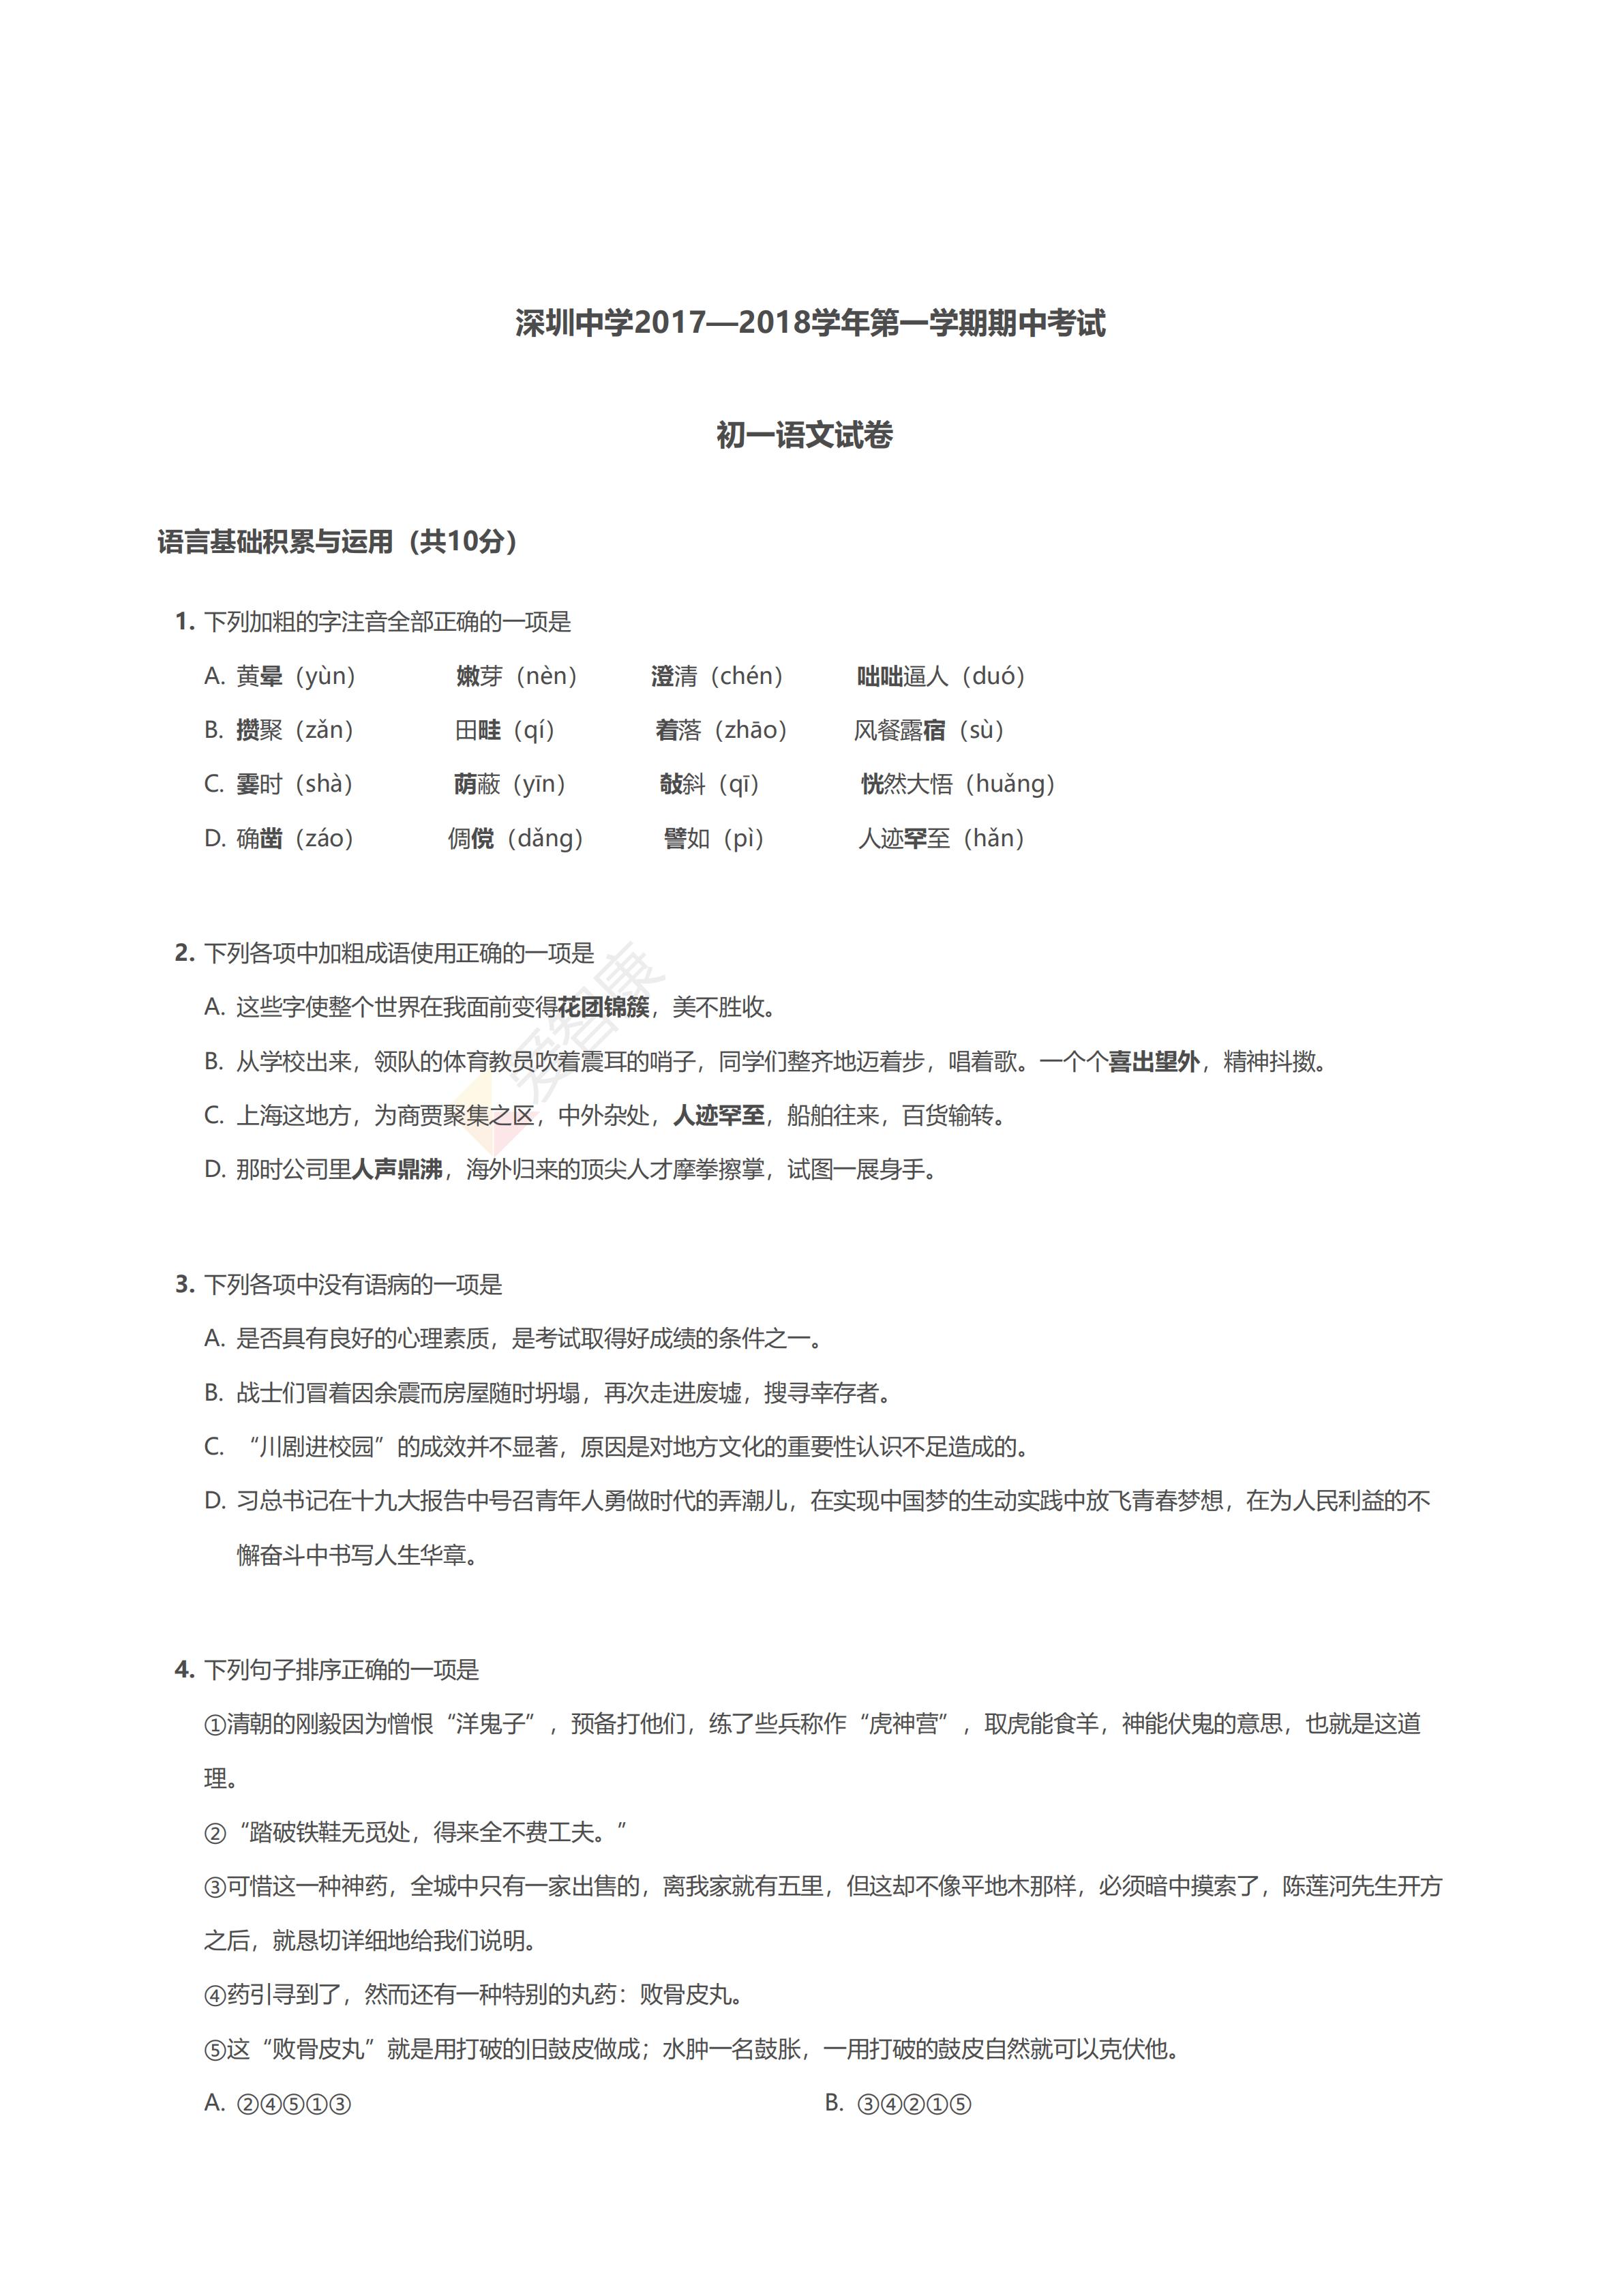 2018深圳初一上期中考试语文复习试题(二)